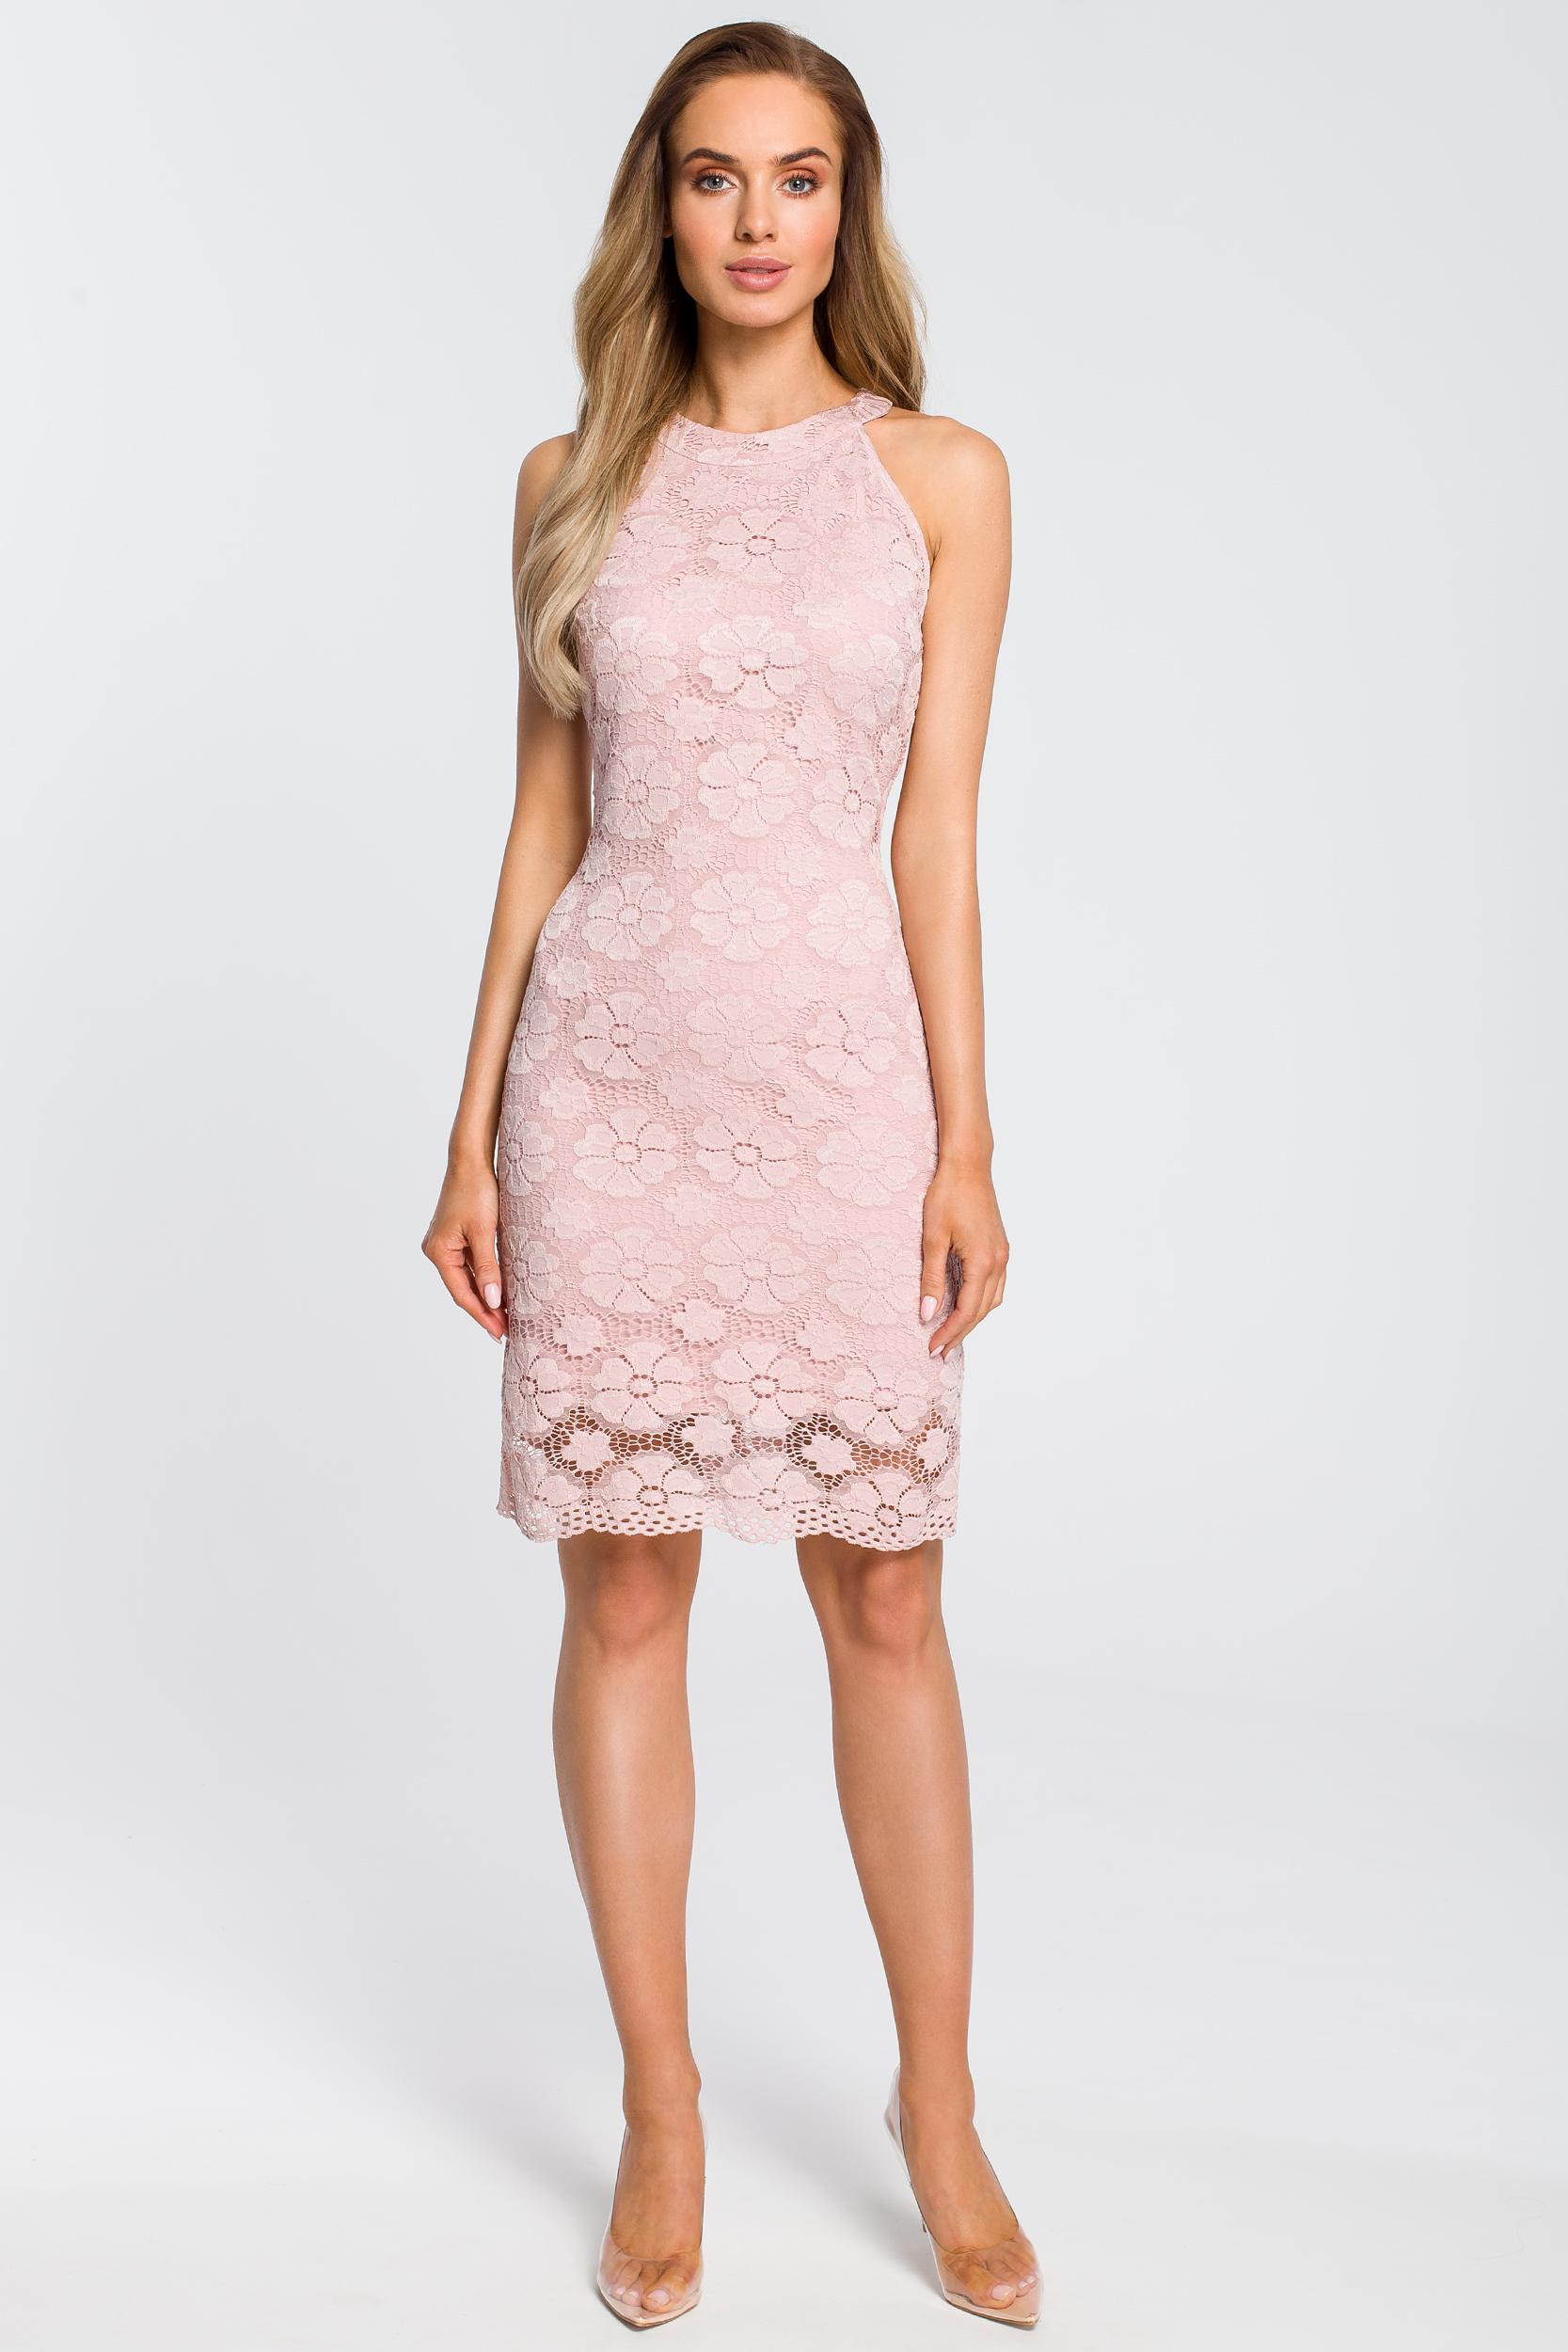 CM4112 Dopasowana sukienka koronkowa - różowa